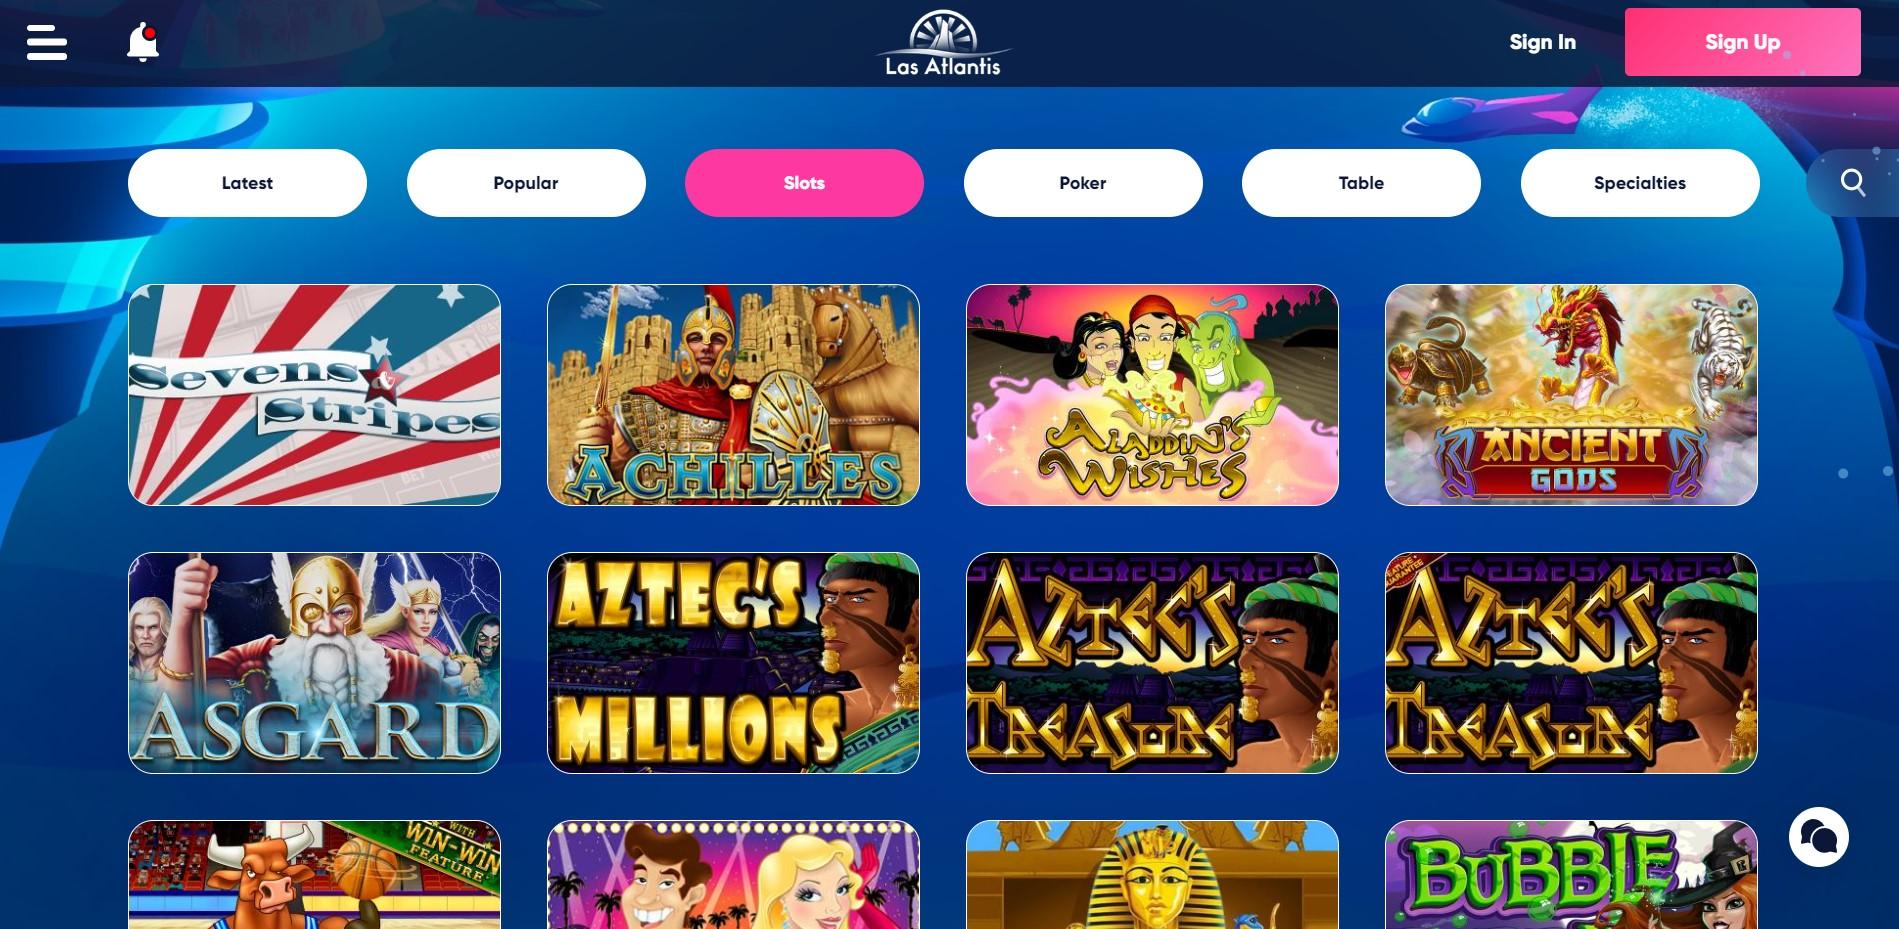 Las Atlantis Casino - Online Slots